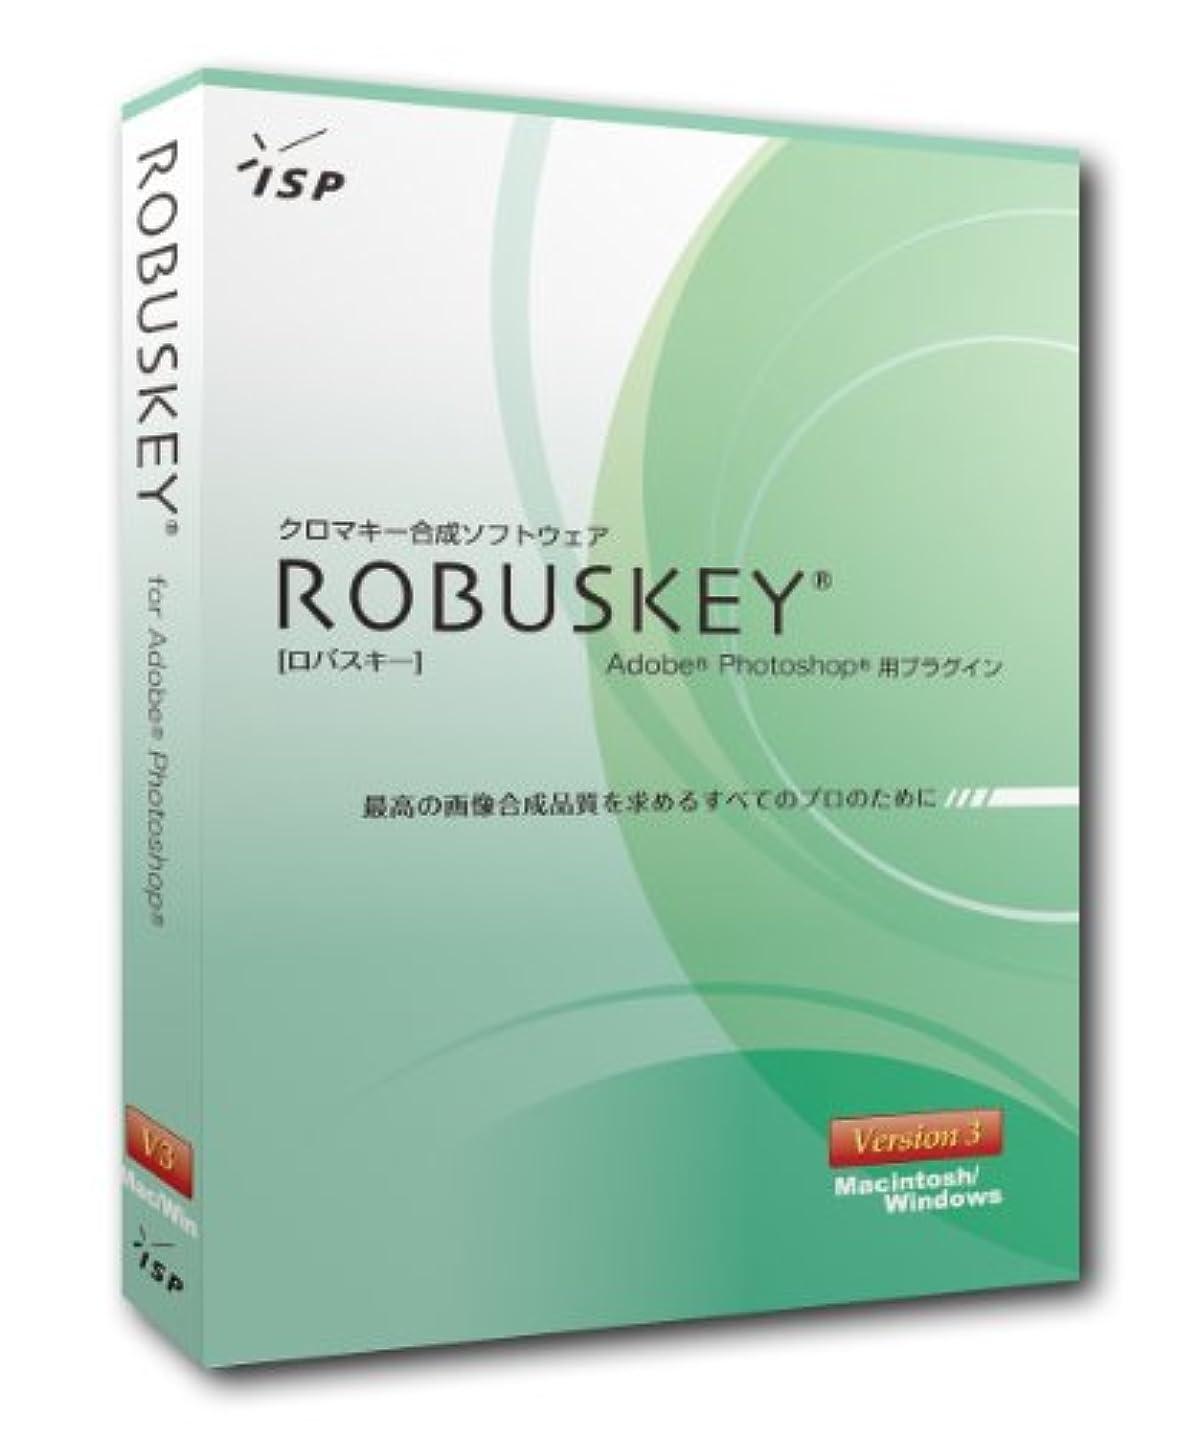 フロンティアノミネート迷信ROBUSKEY for Adobe Photoshop Version 3.2 Macintosh/Windows版